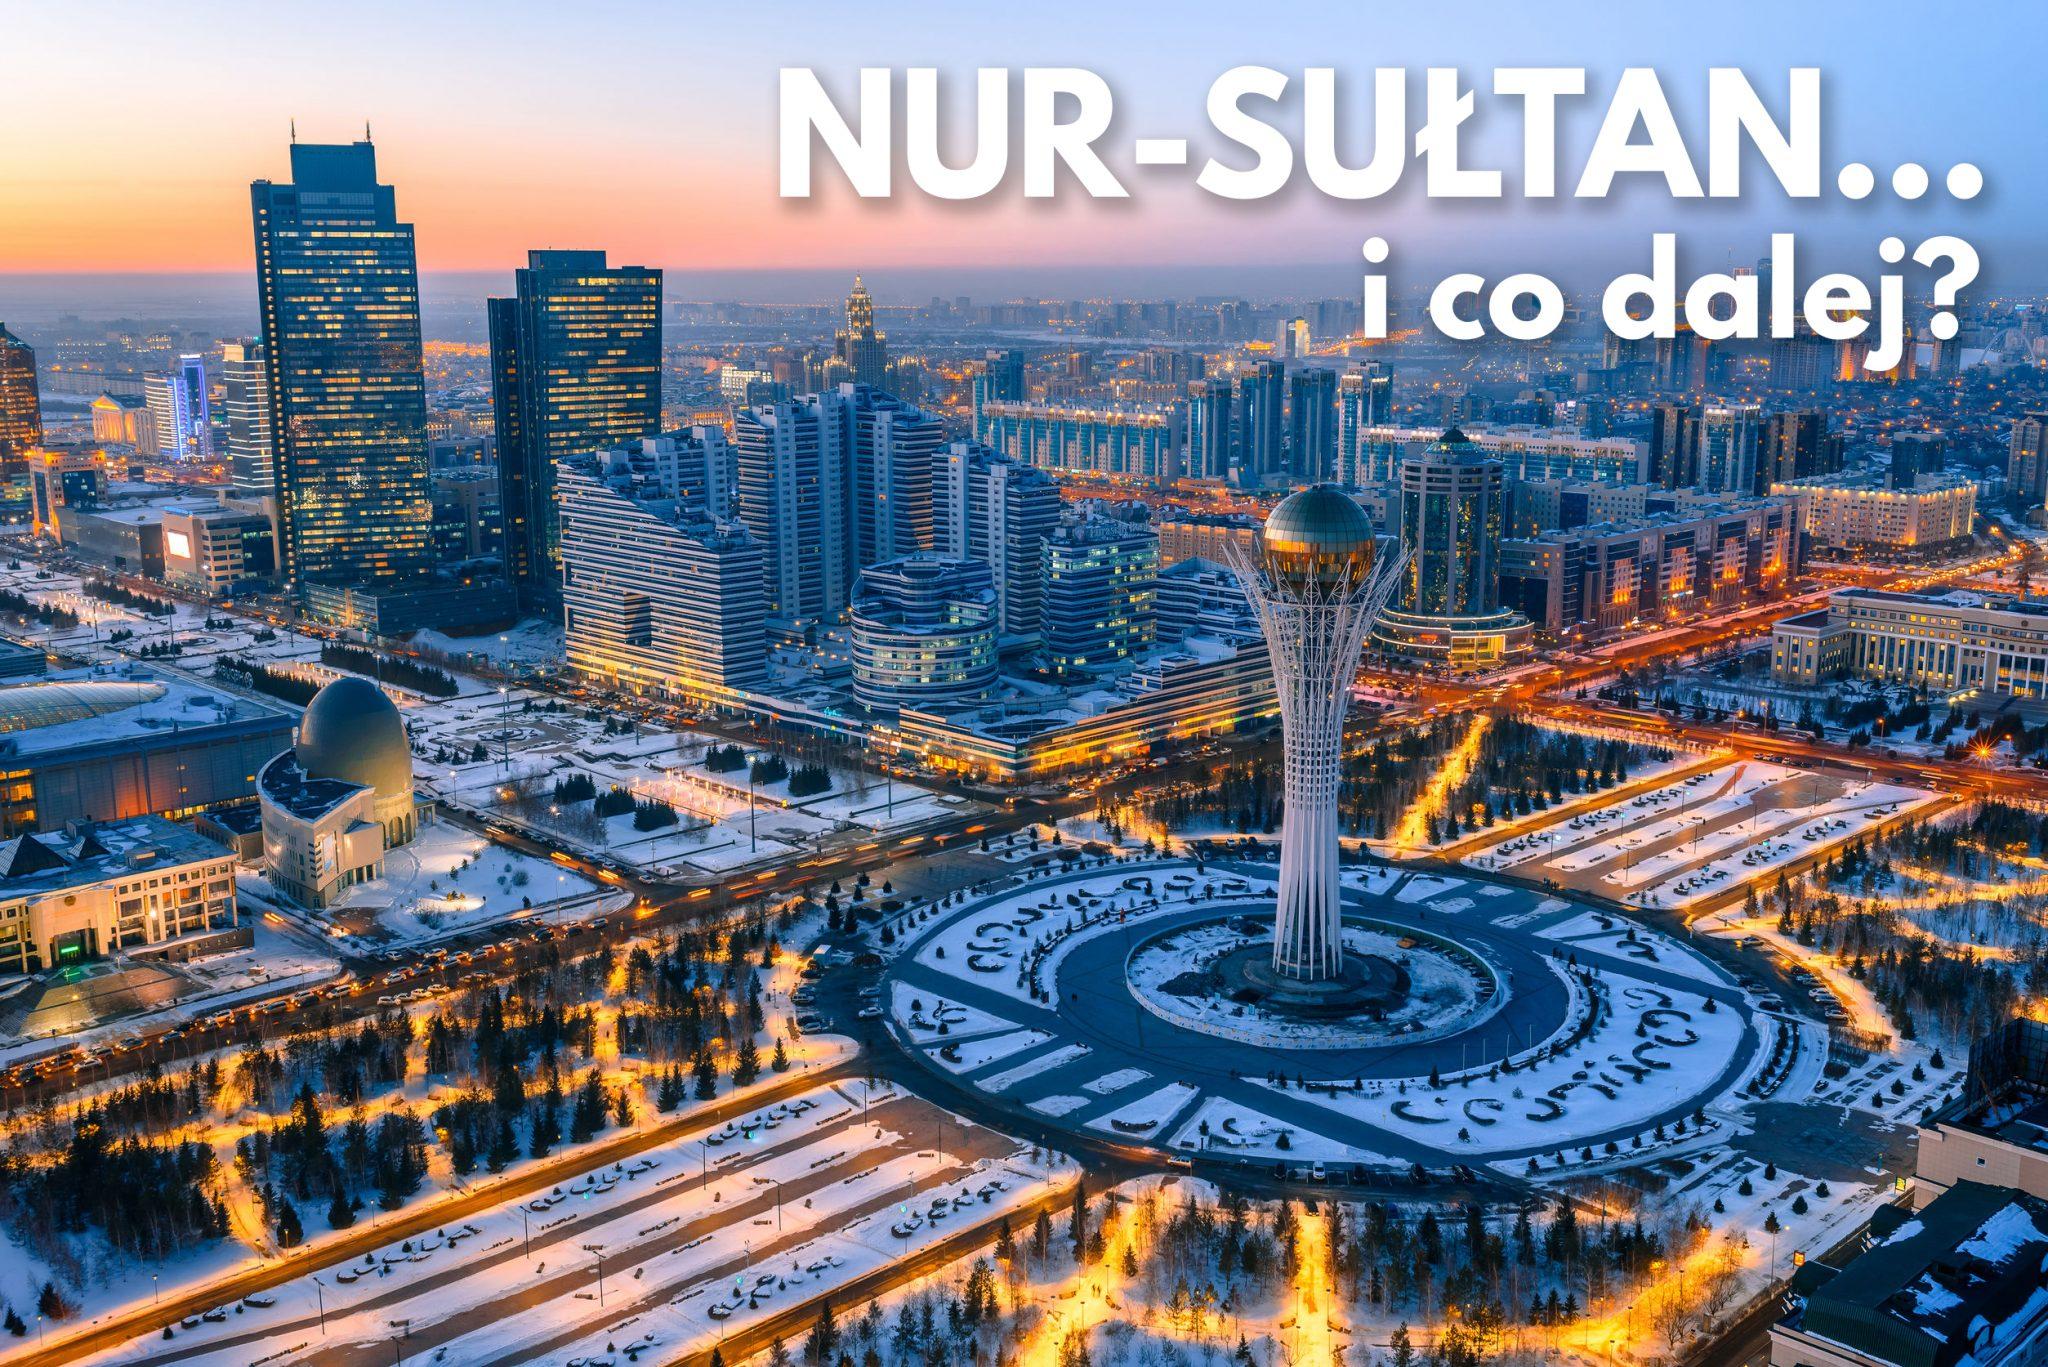 Nur-Sułtan i co dalej?